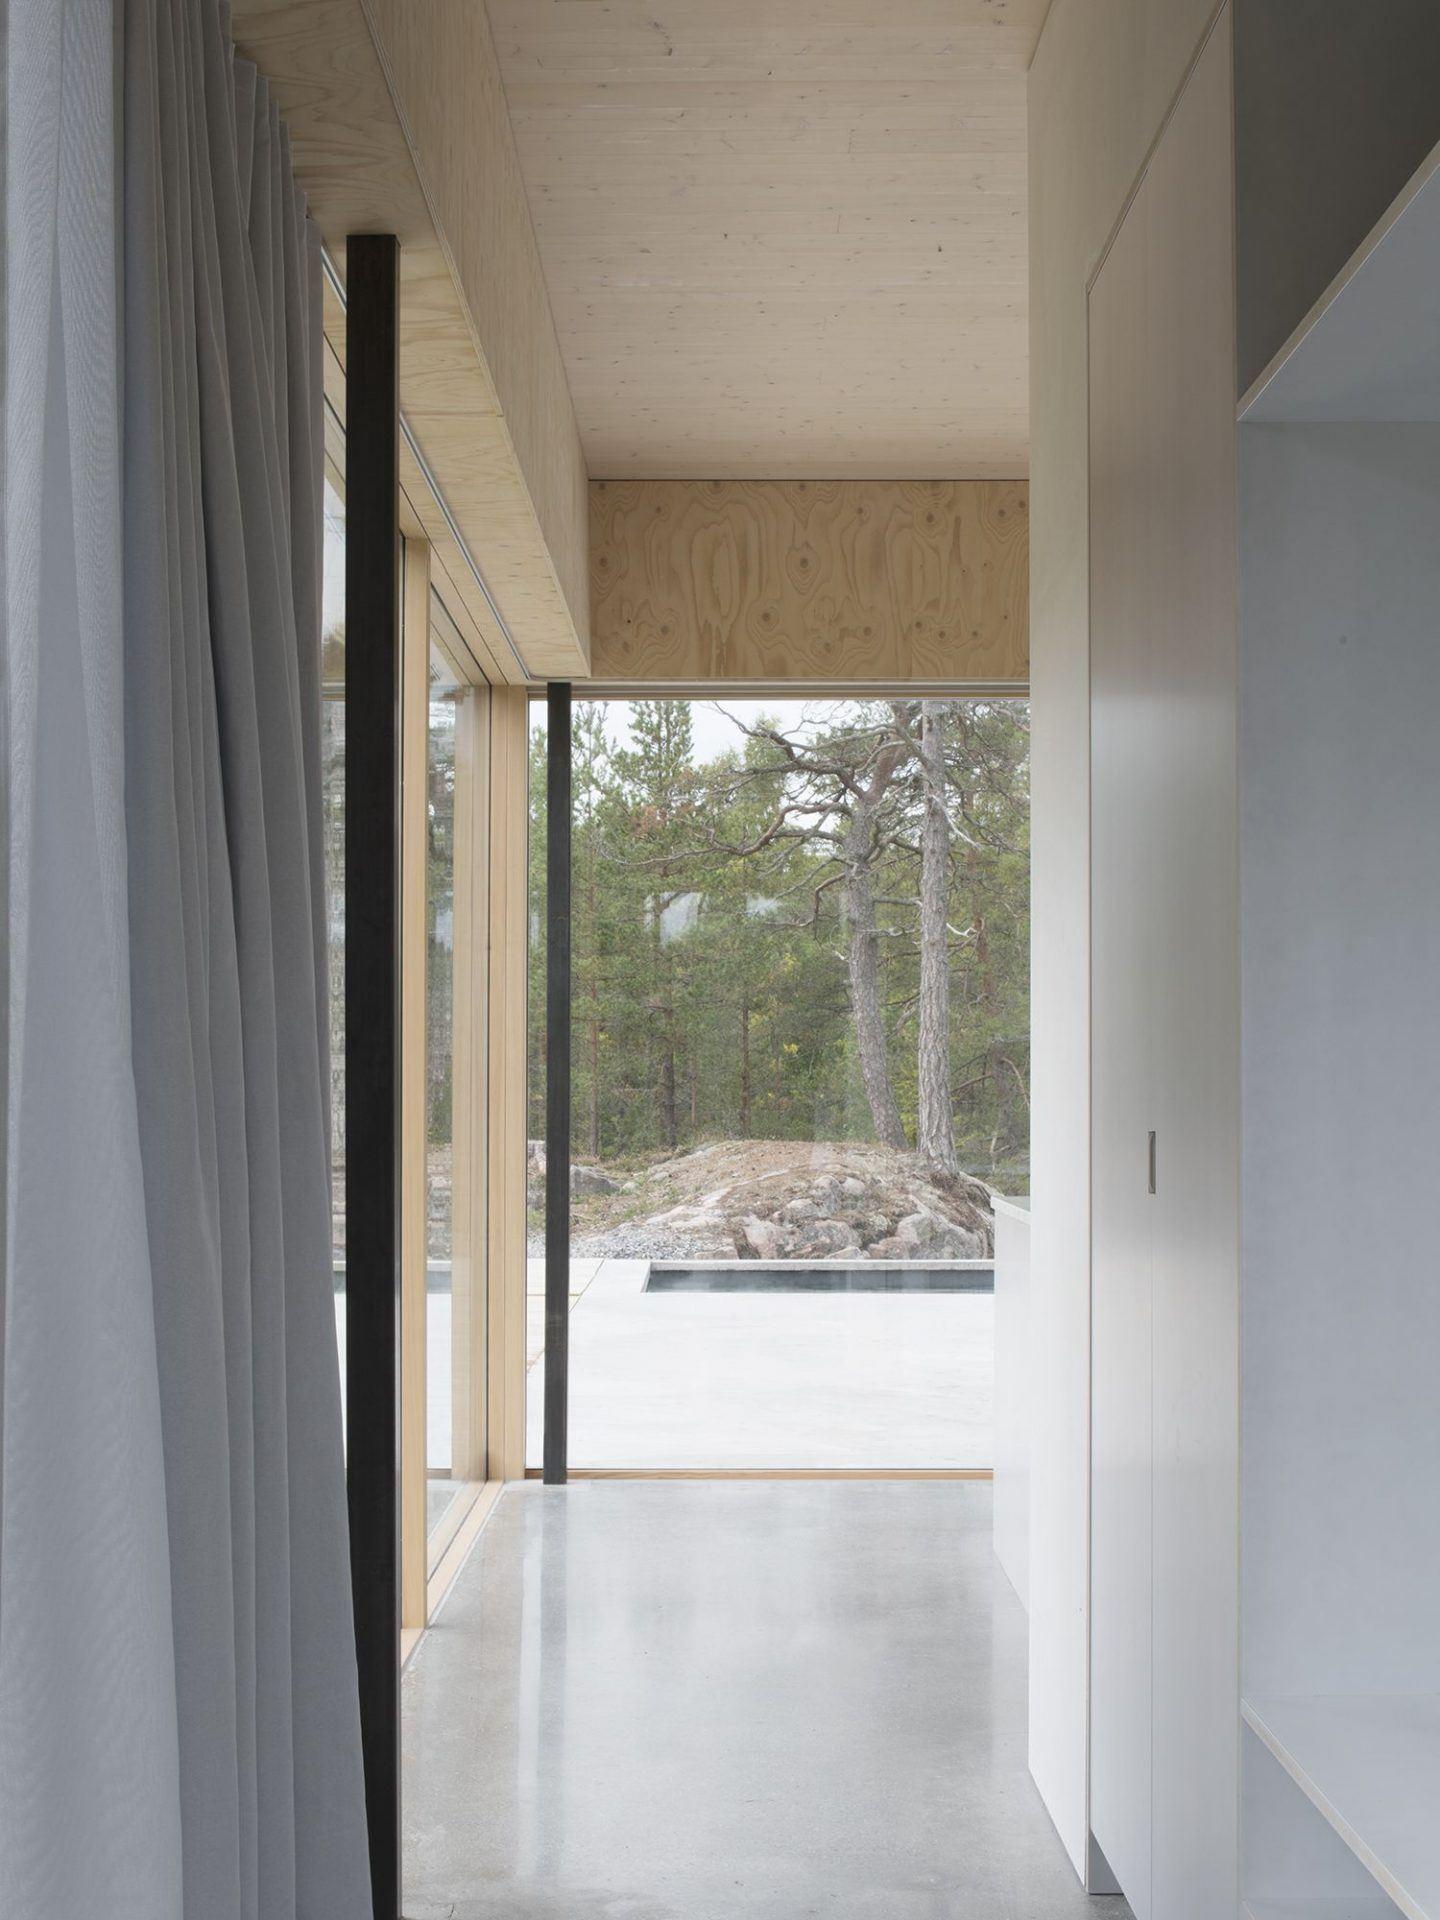 IGNANT-Architecture-Arrhov-Frick-Atelier-Lapidus-4